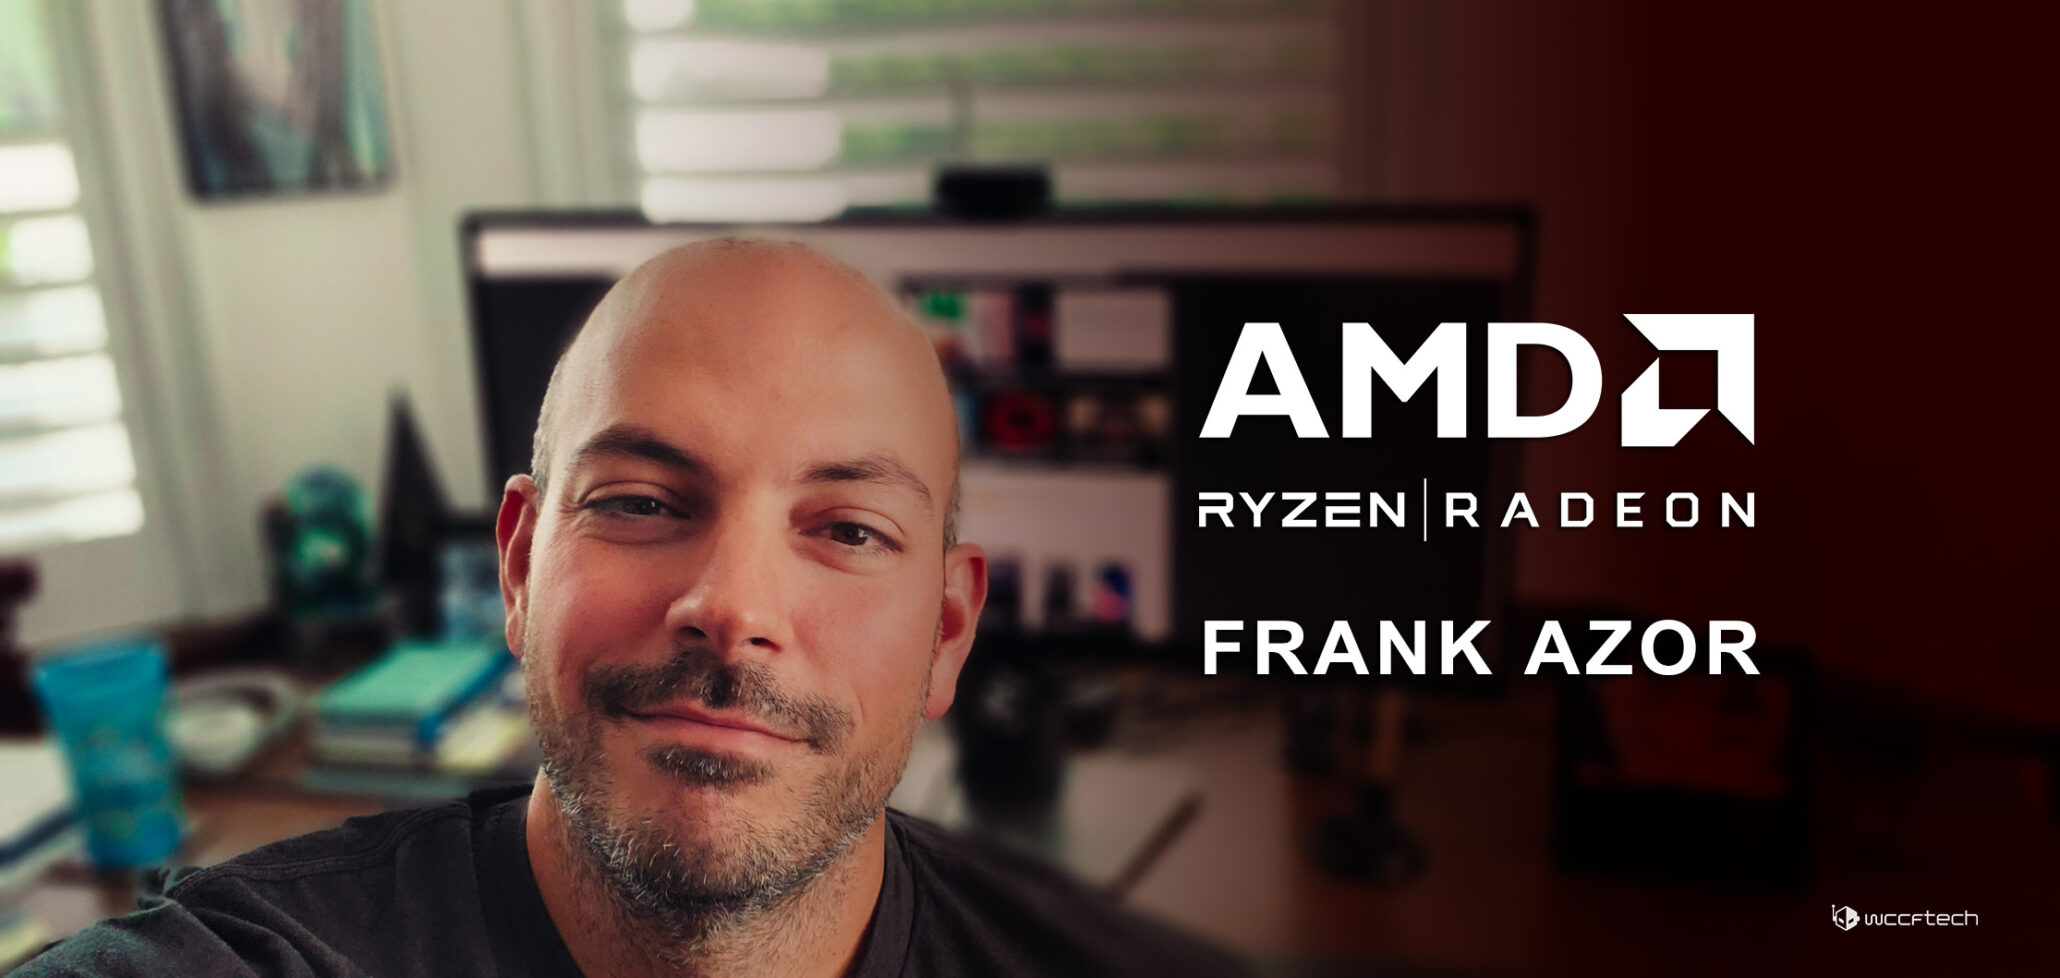 """AMD's Chefarchitekt für Spiele Frank Azor über Ryzen 4000 Mobile-CPUs, Shift und den """"AMD-Vorteil"""""""